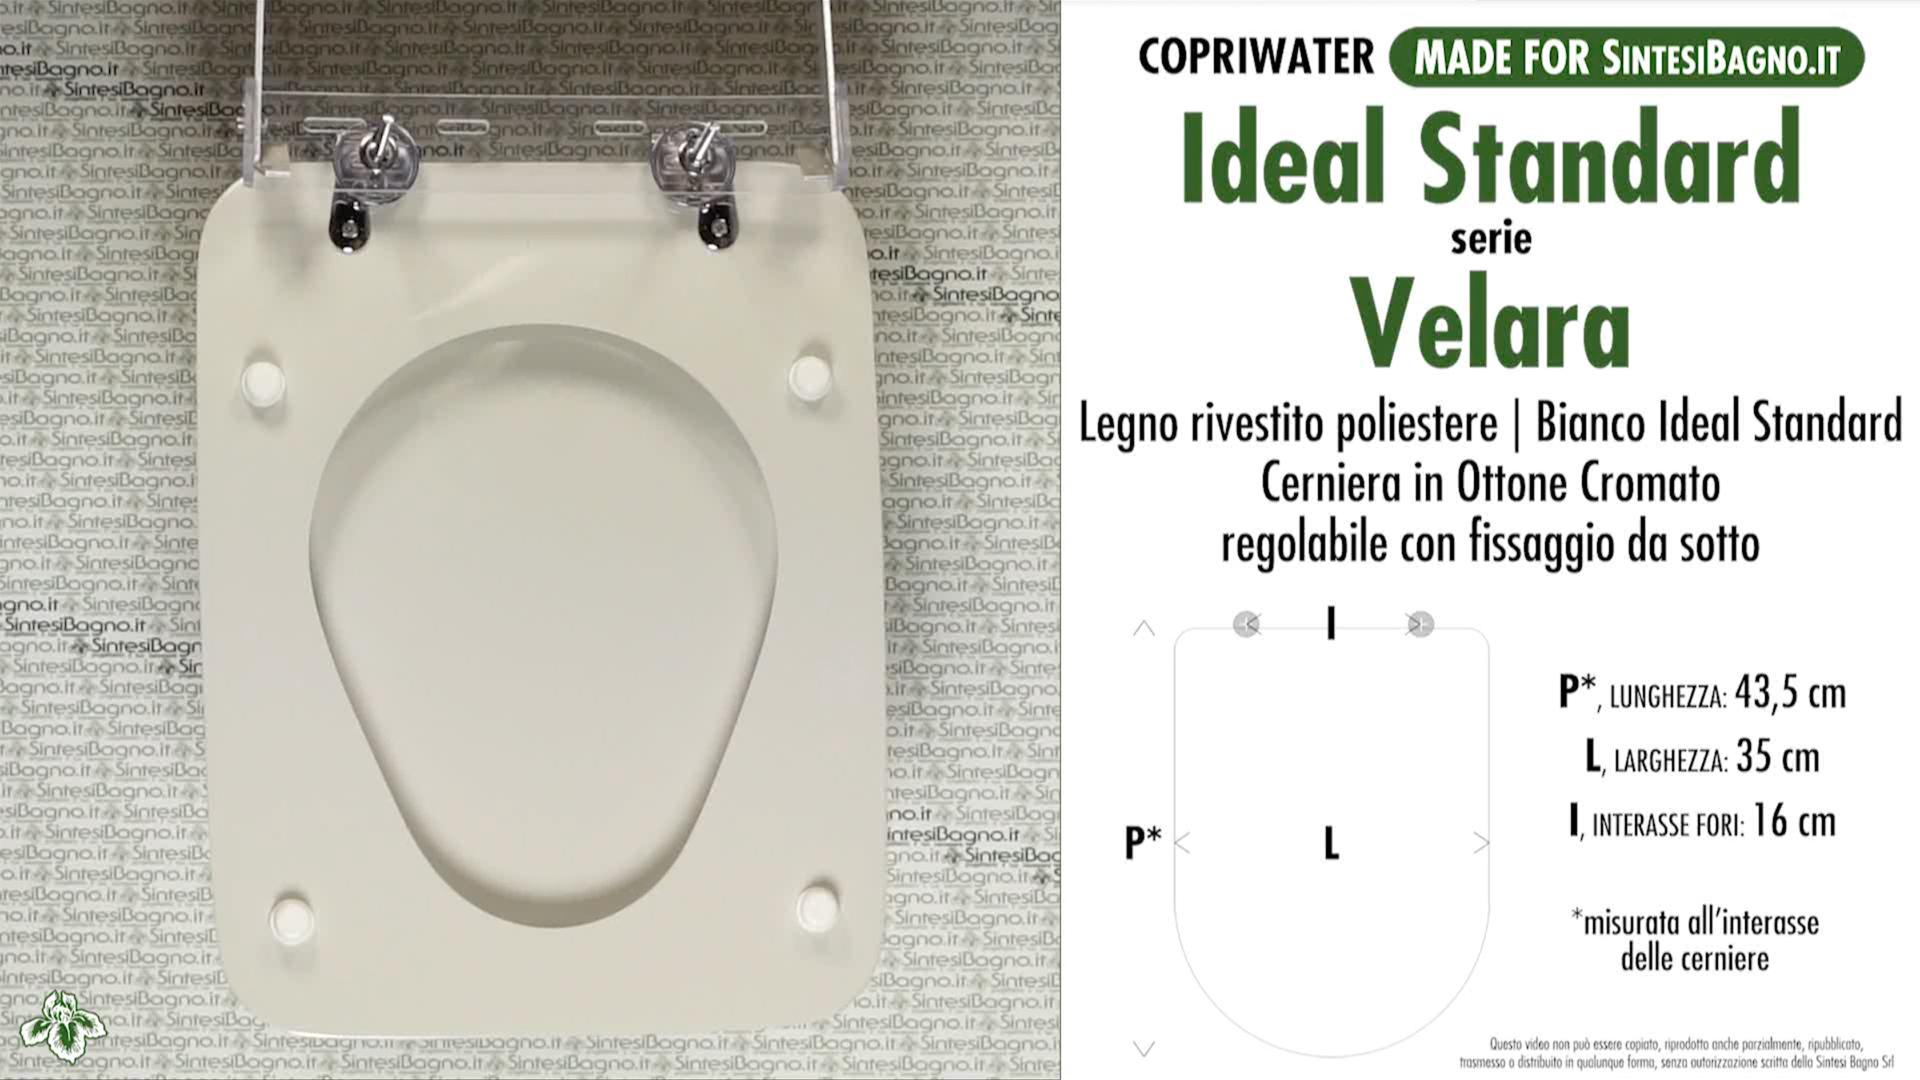 Copriwater per wc velara ideal standard bianco standard for Ideal standard cantica copriwater